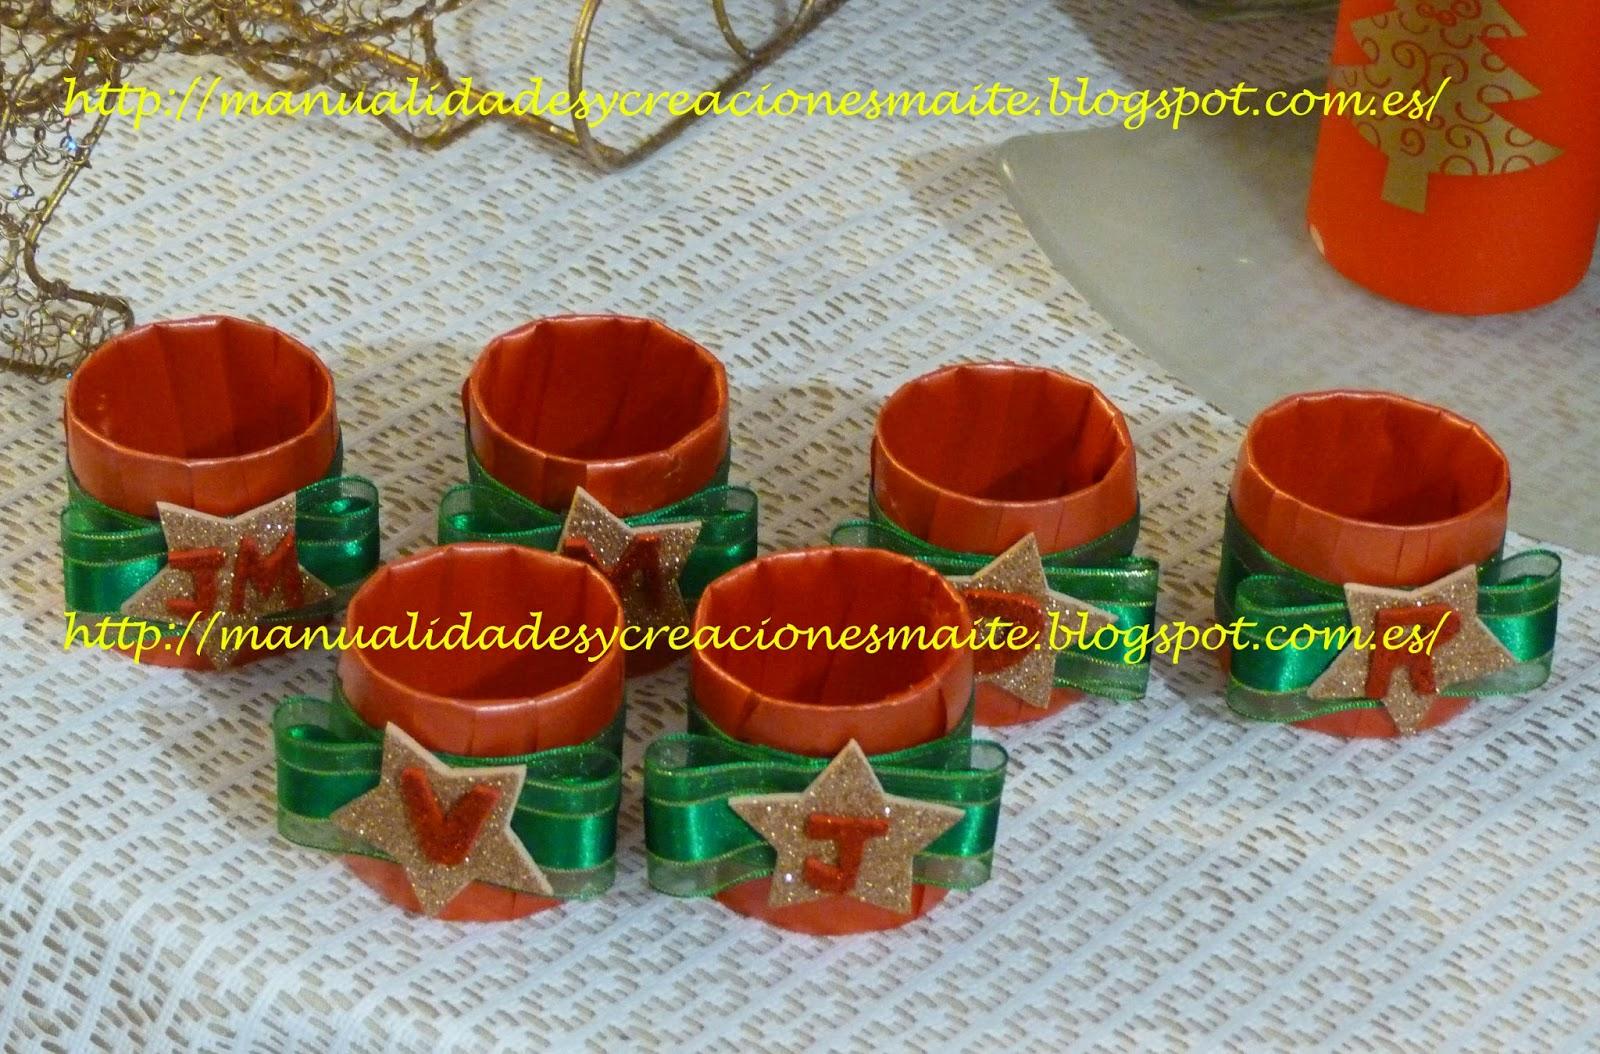 Fofuchas manualidades y creaciones maite servilletero - Manualidades para decorar la mesa en navidad ...